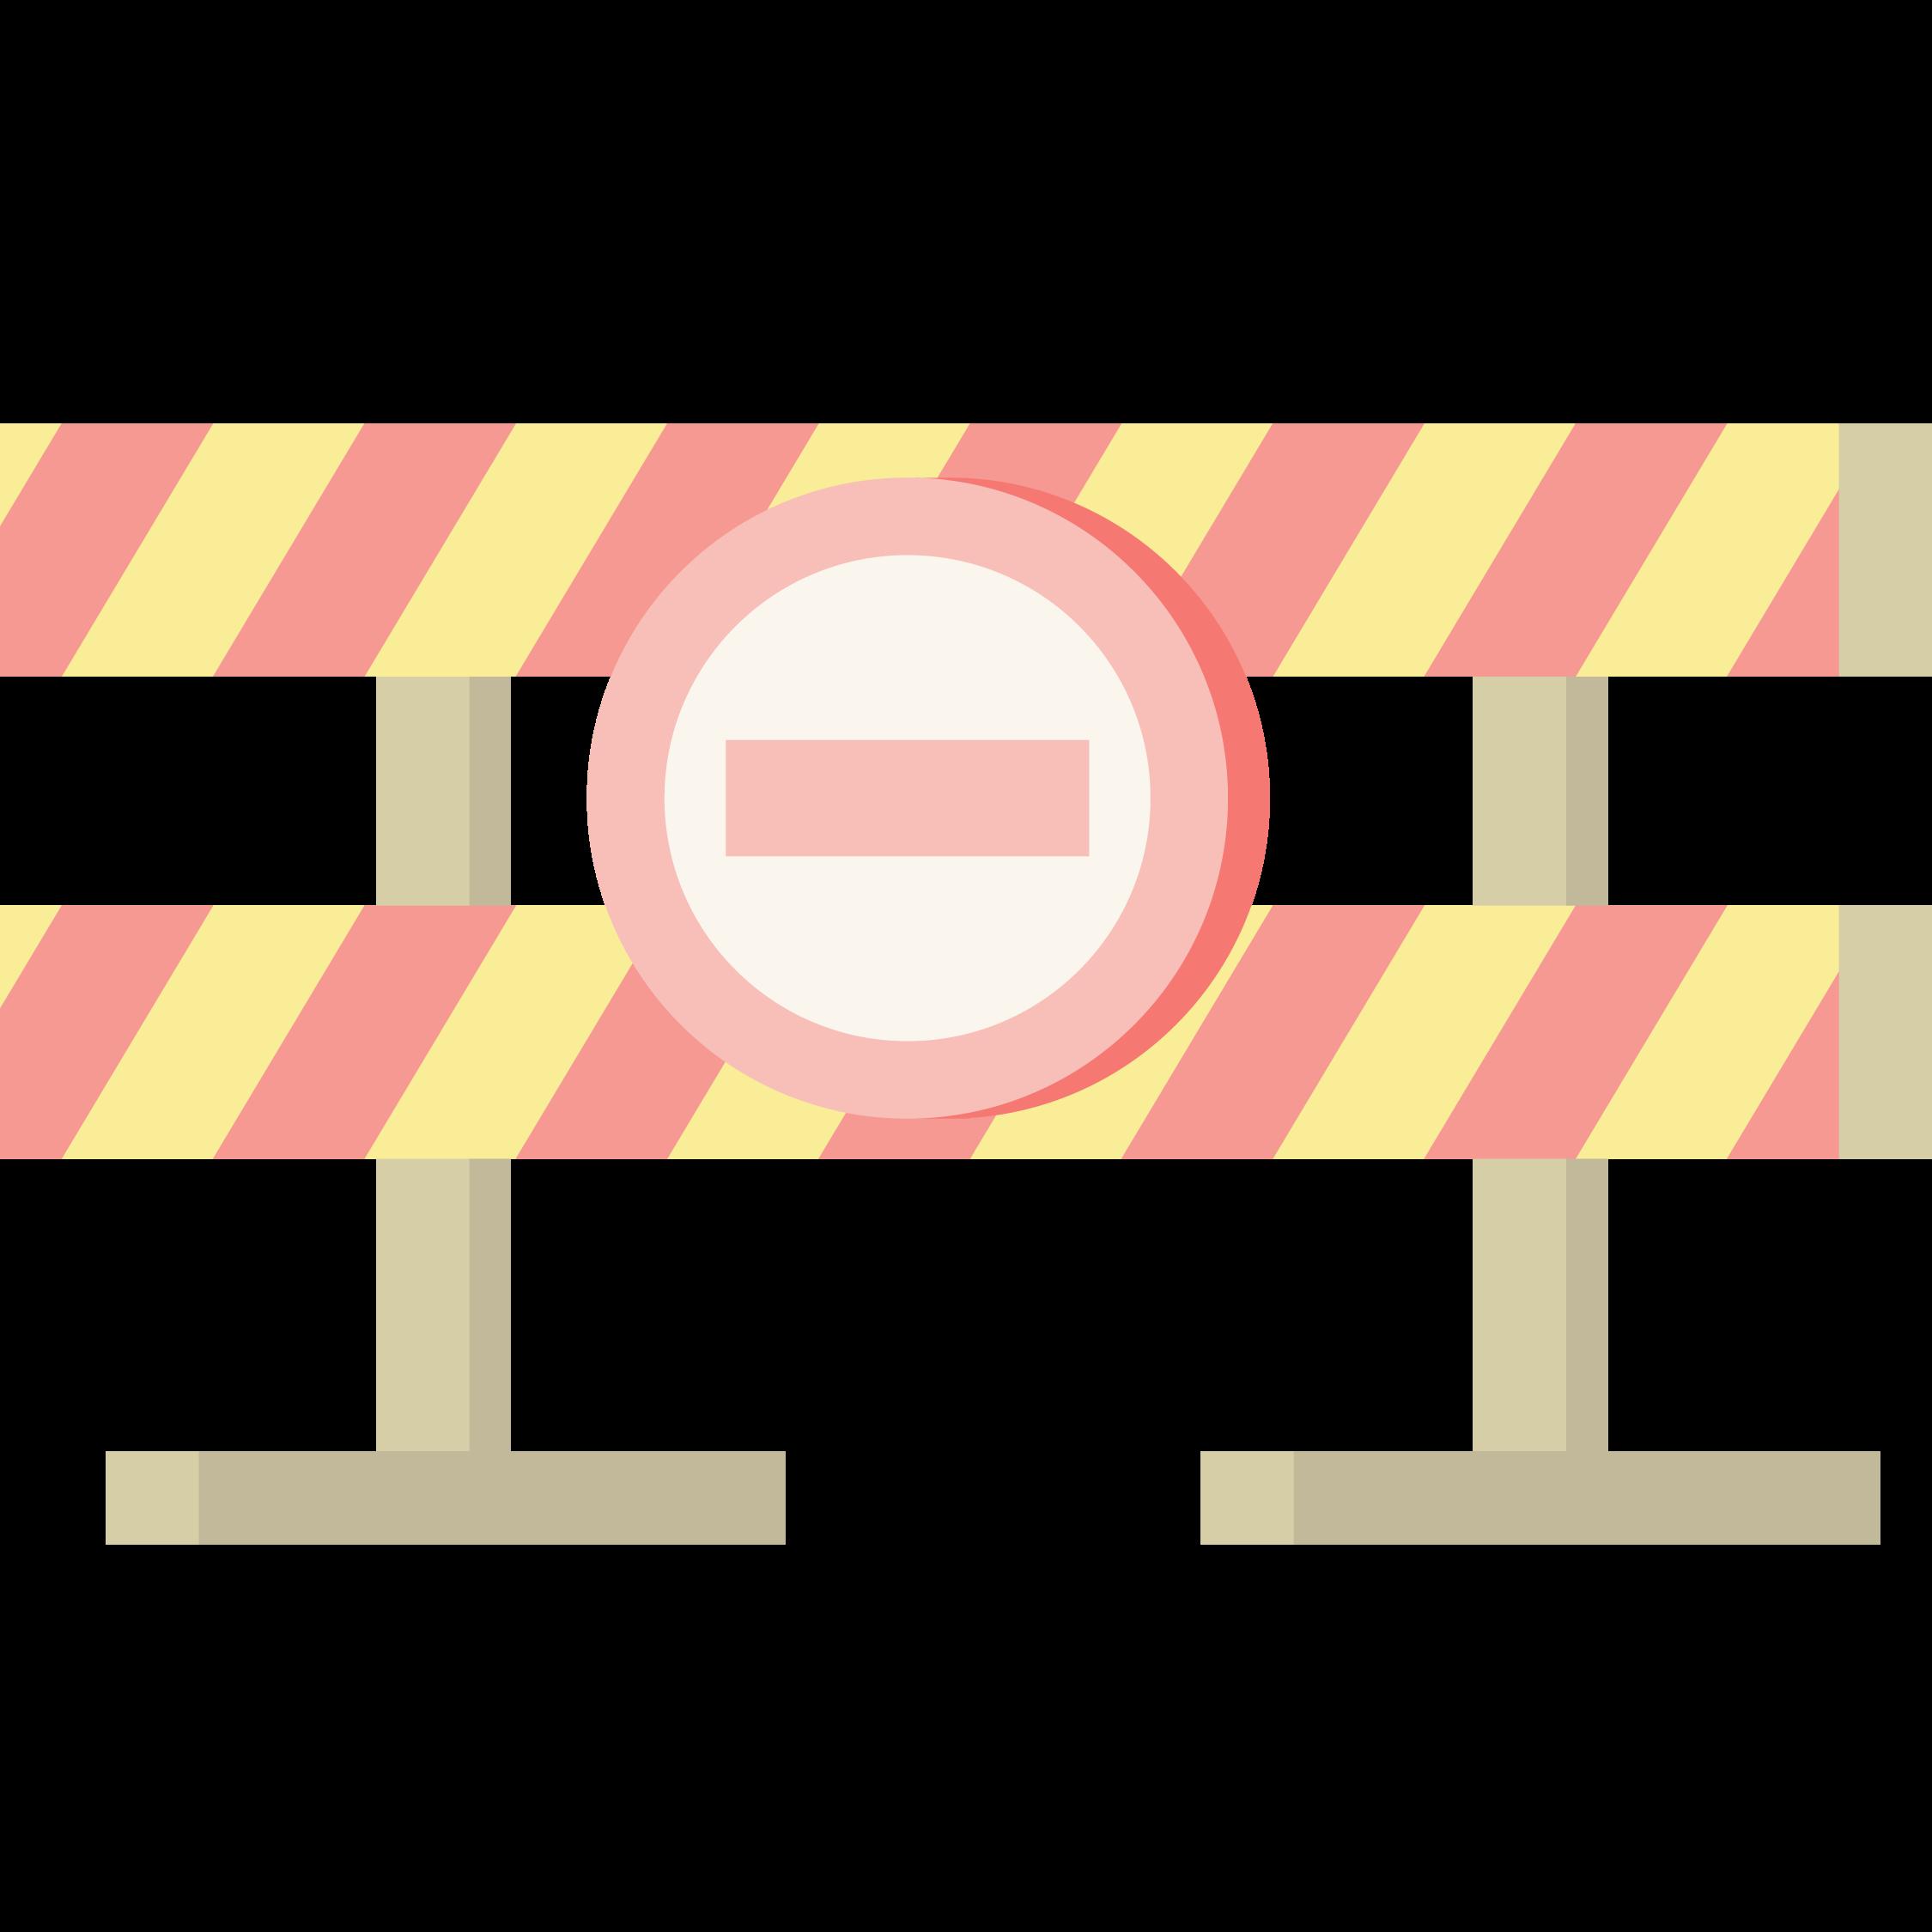 roadblock-01.png